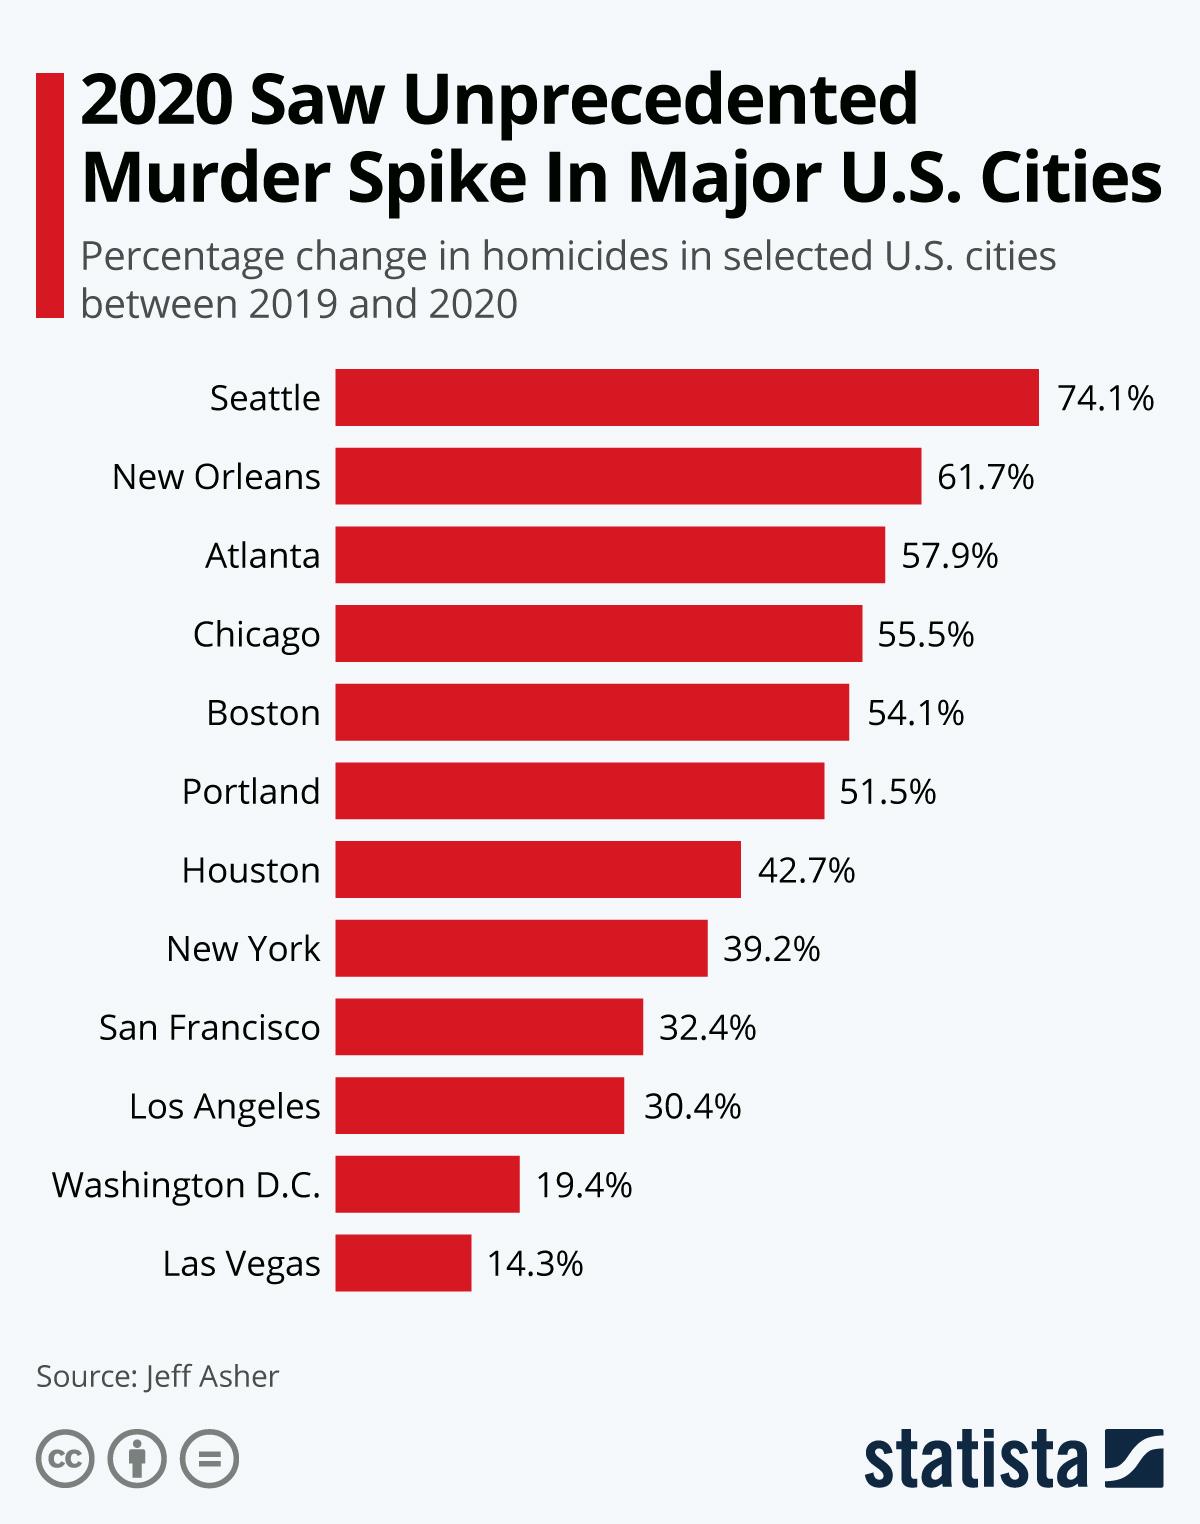 2020 Saw Unprecedented Murder Spike In Major U.S. Cities